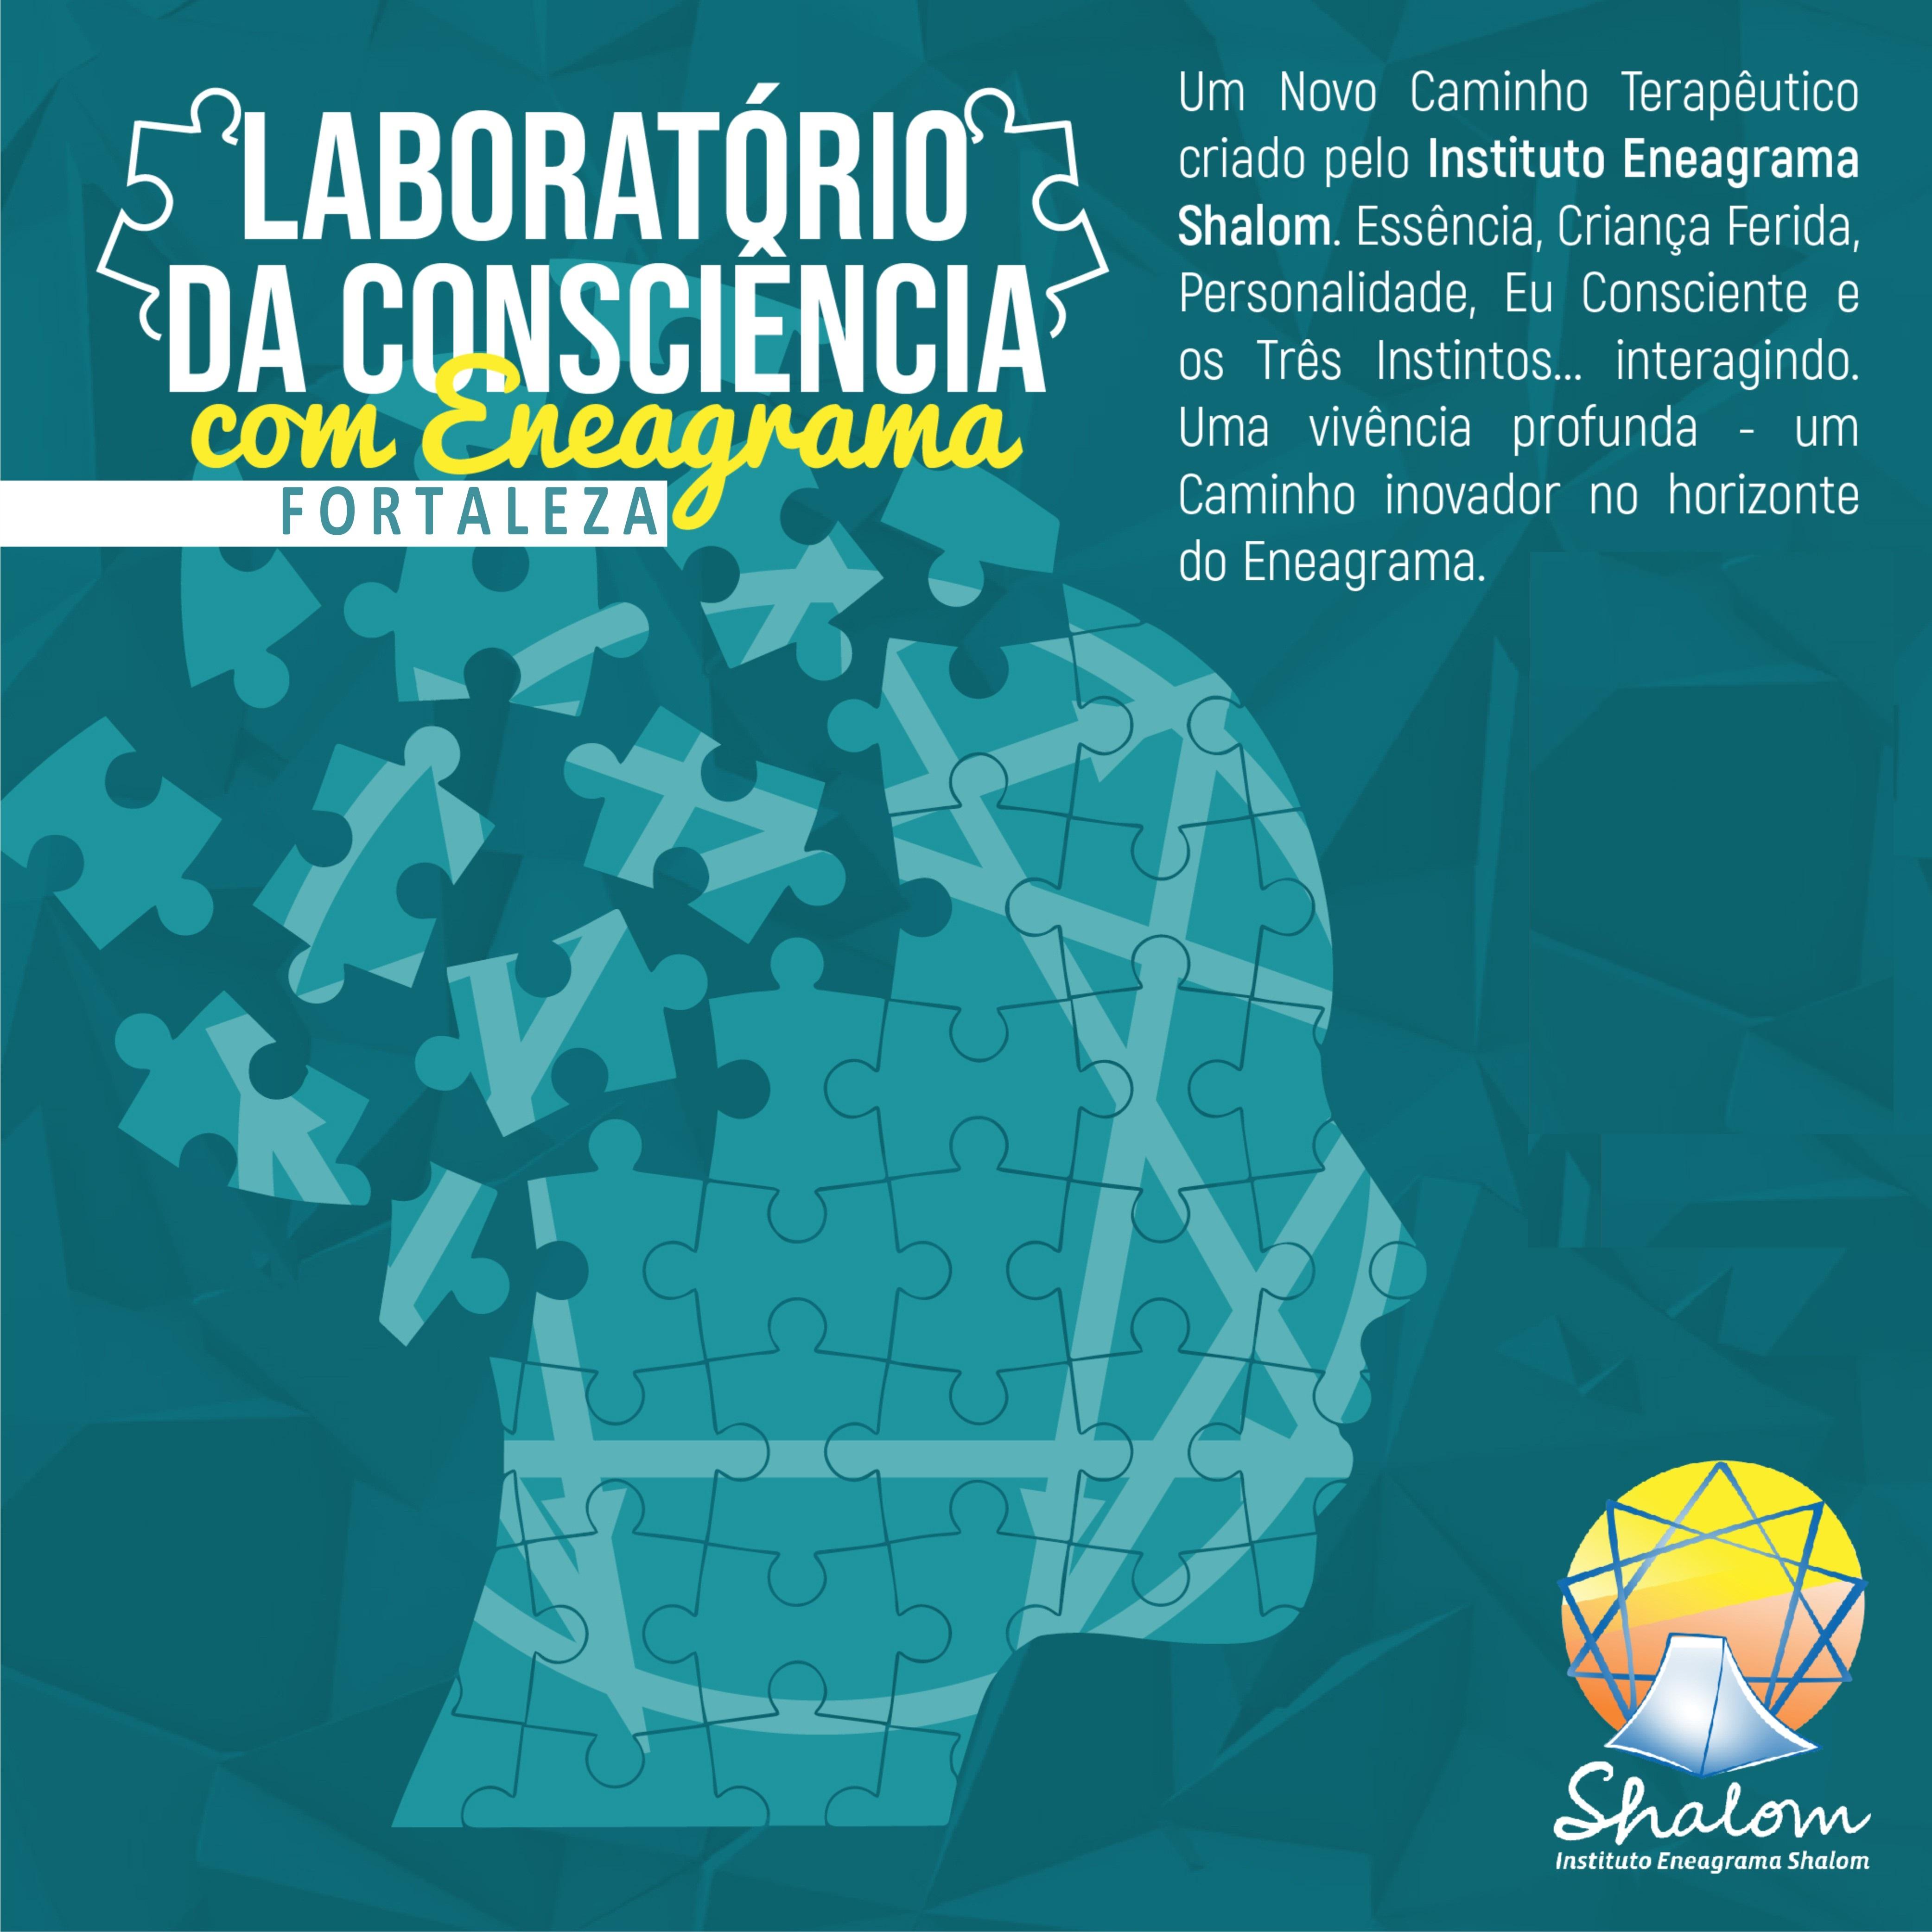 Laboratório de Consciência 2020 em Fortaleza - CE